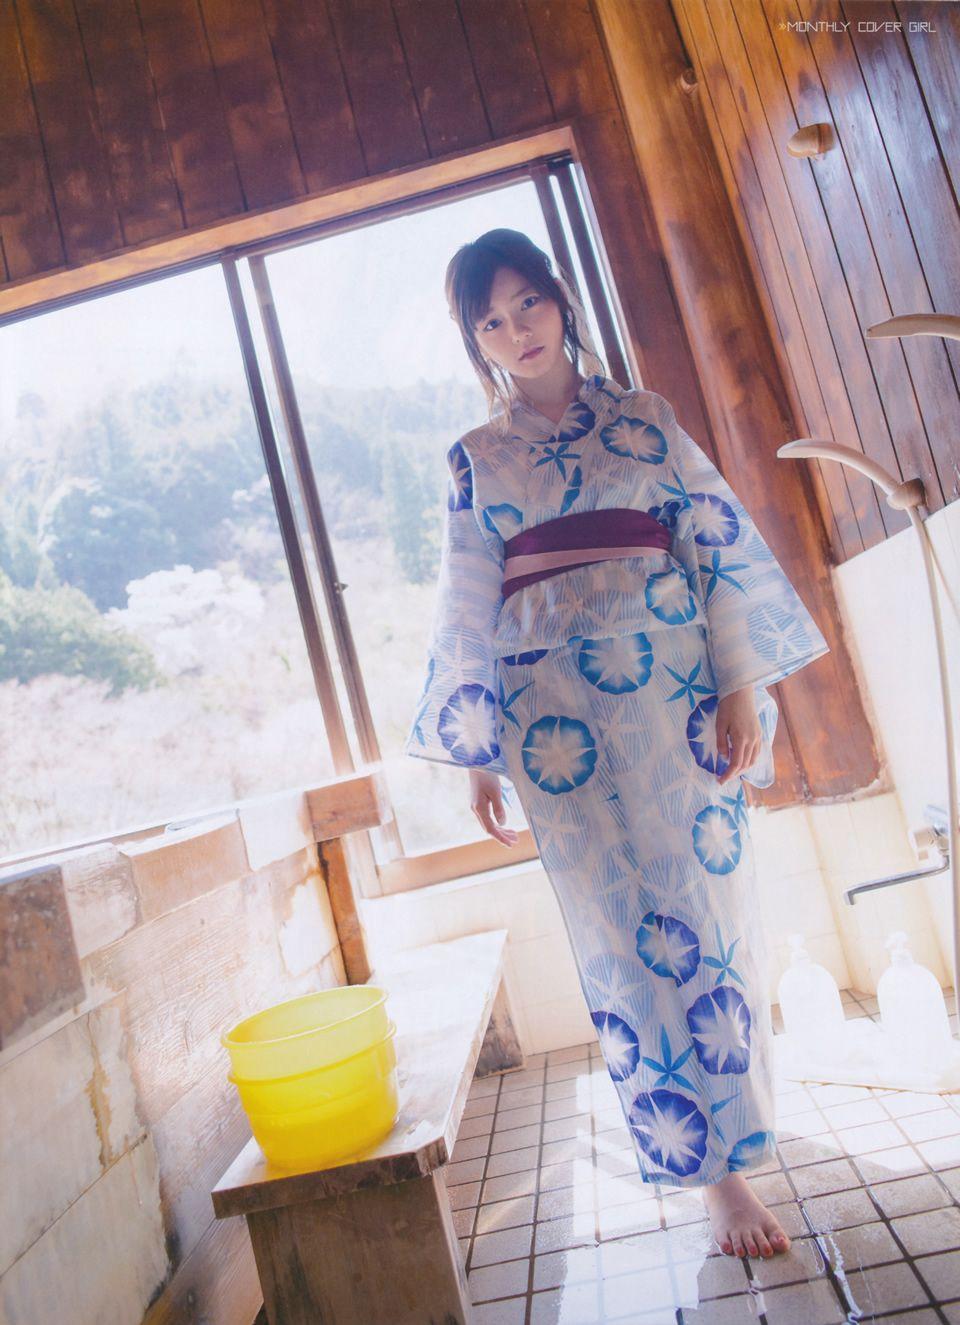 ポンコツエース島崎遥香11: AKB48,SKE48画像掲示板♪+Verbatim